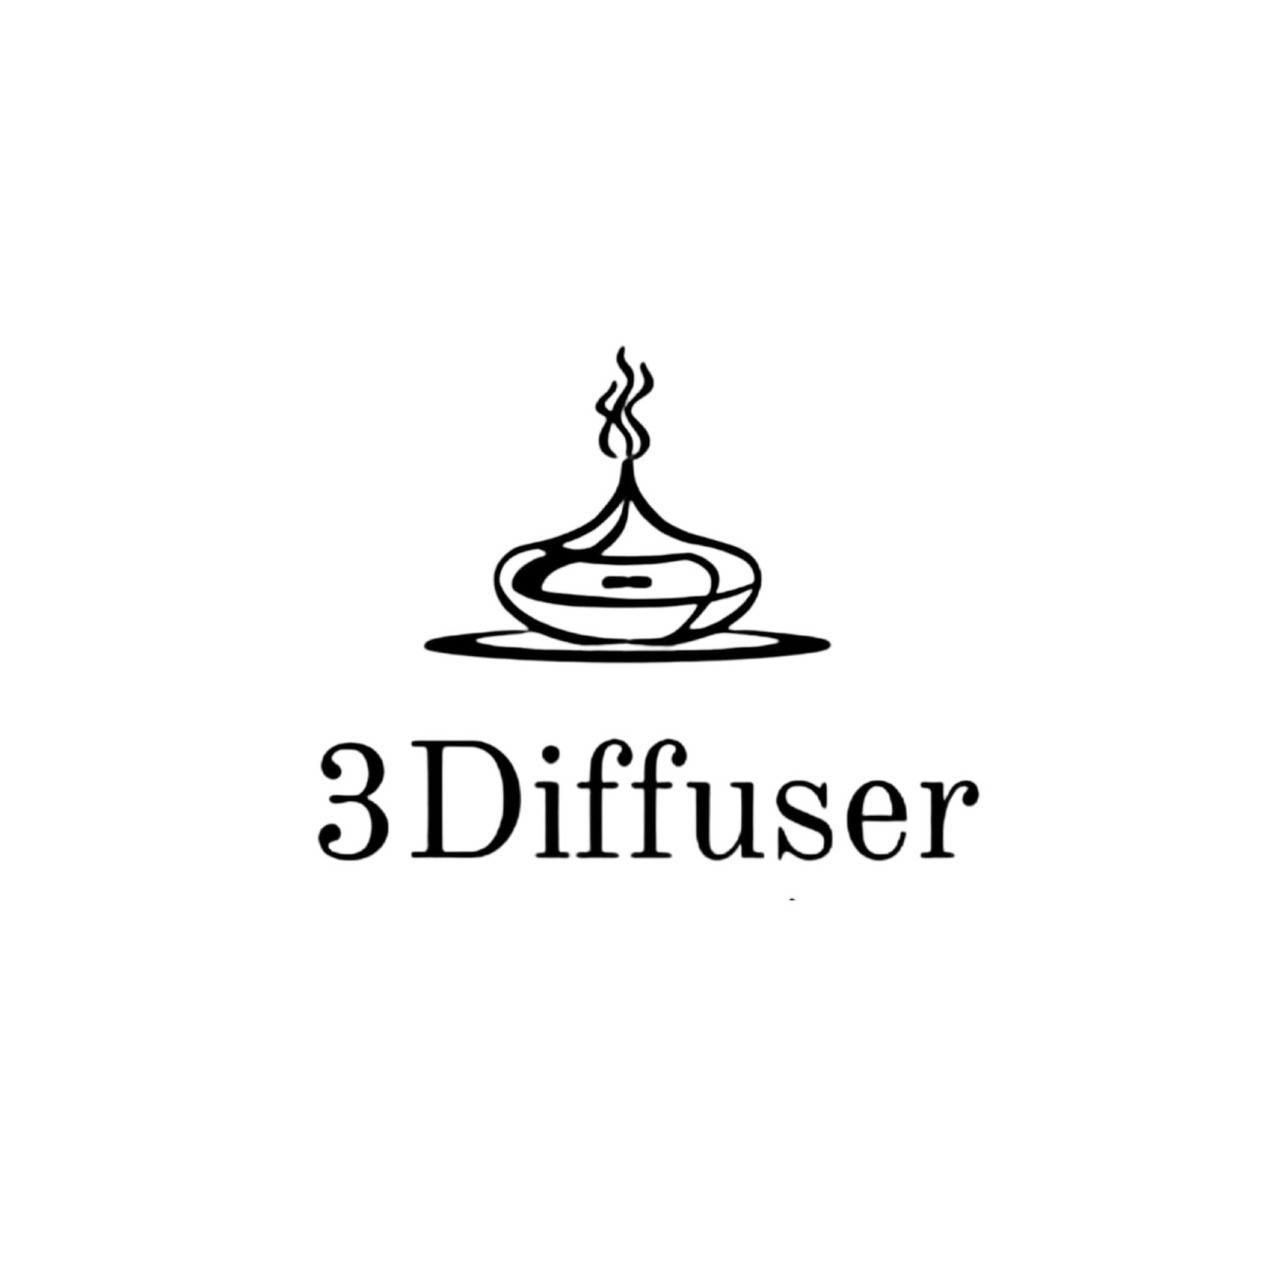 3Diffuser